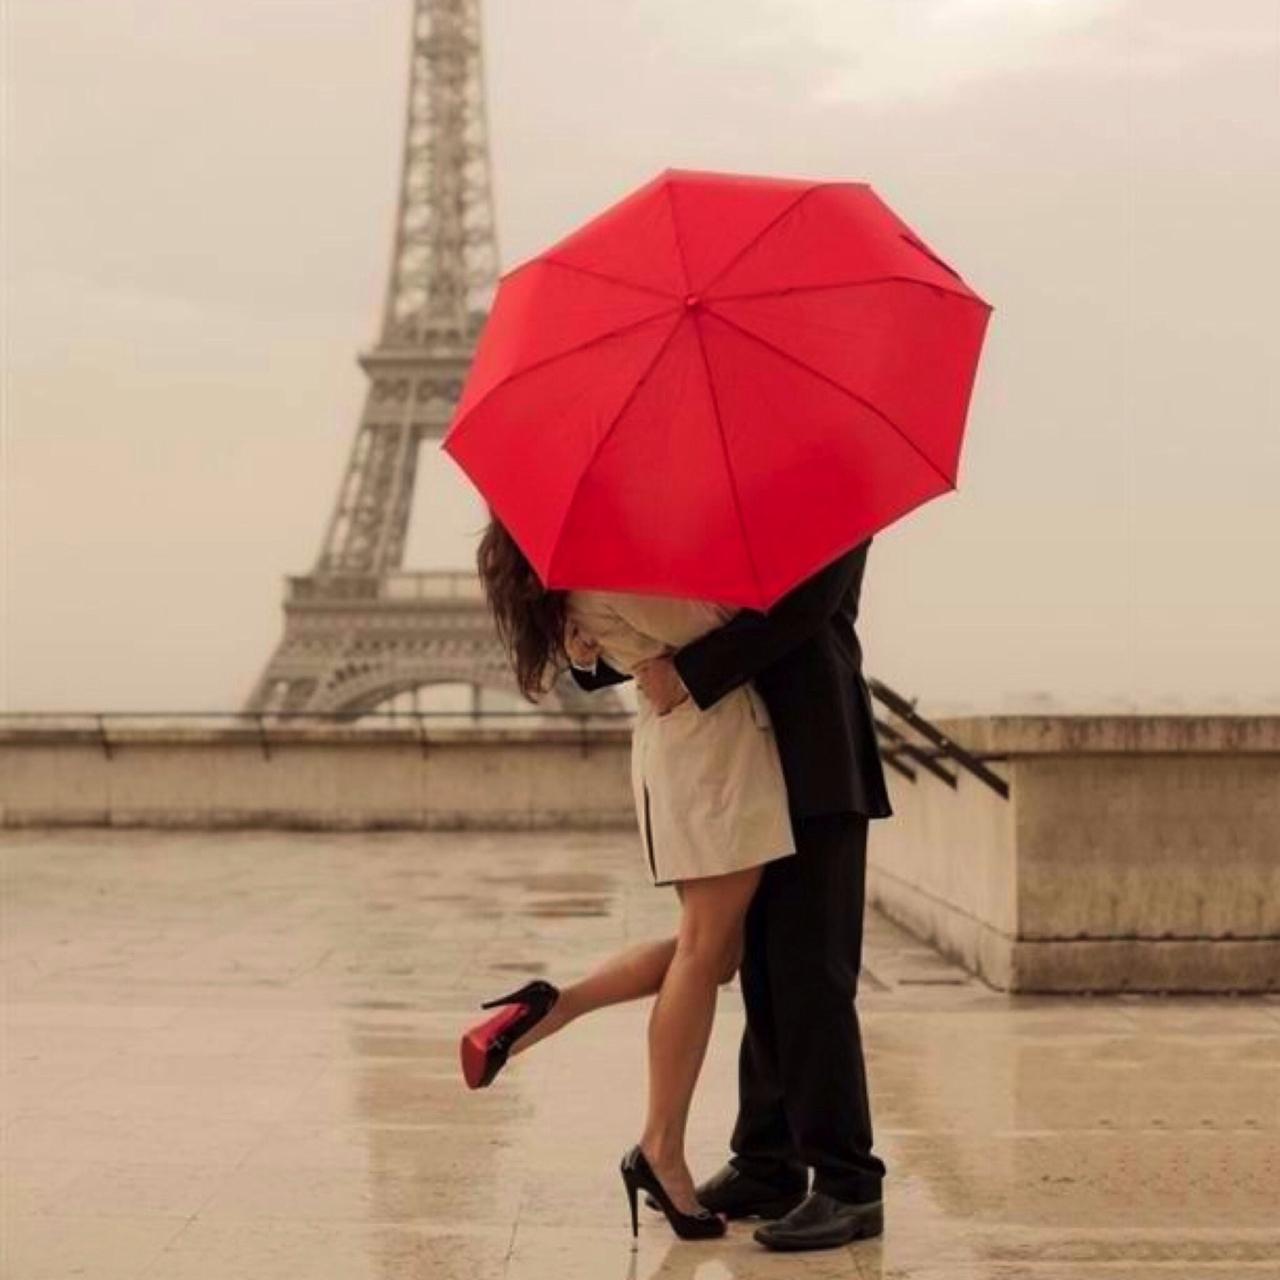 صور رومانسيه صور افلام كارتون رومانسيه صور حب